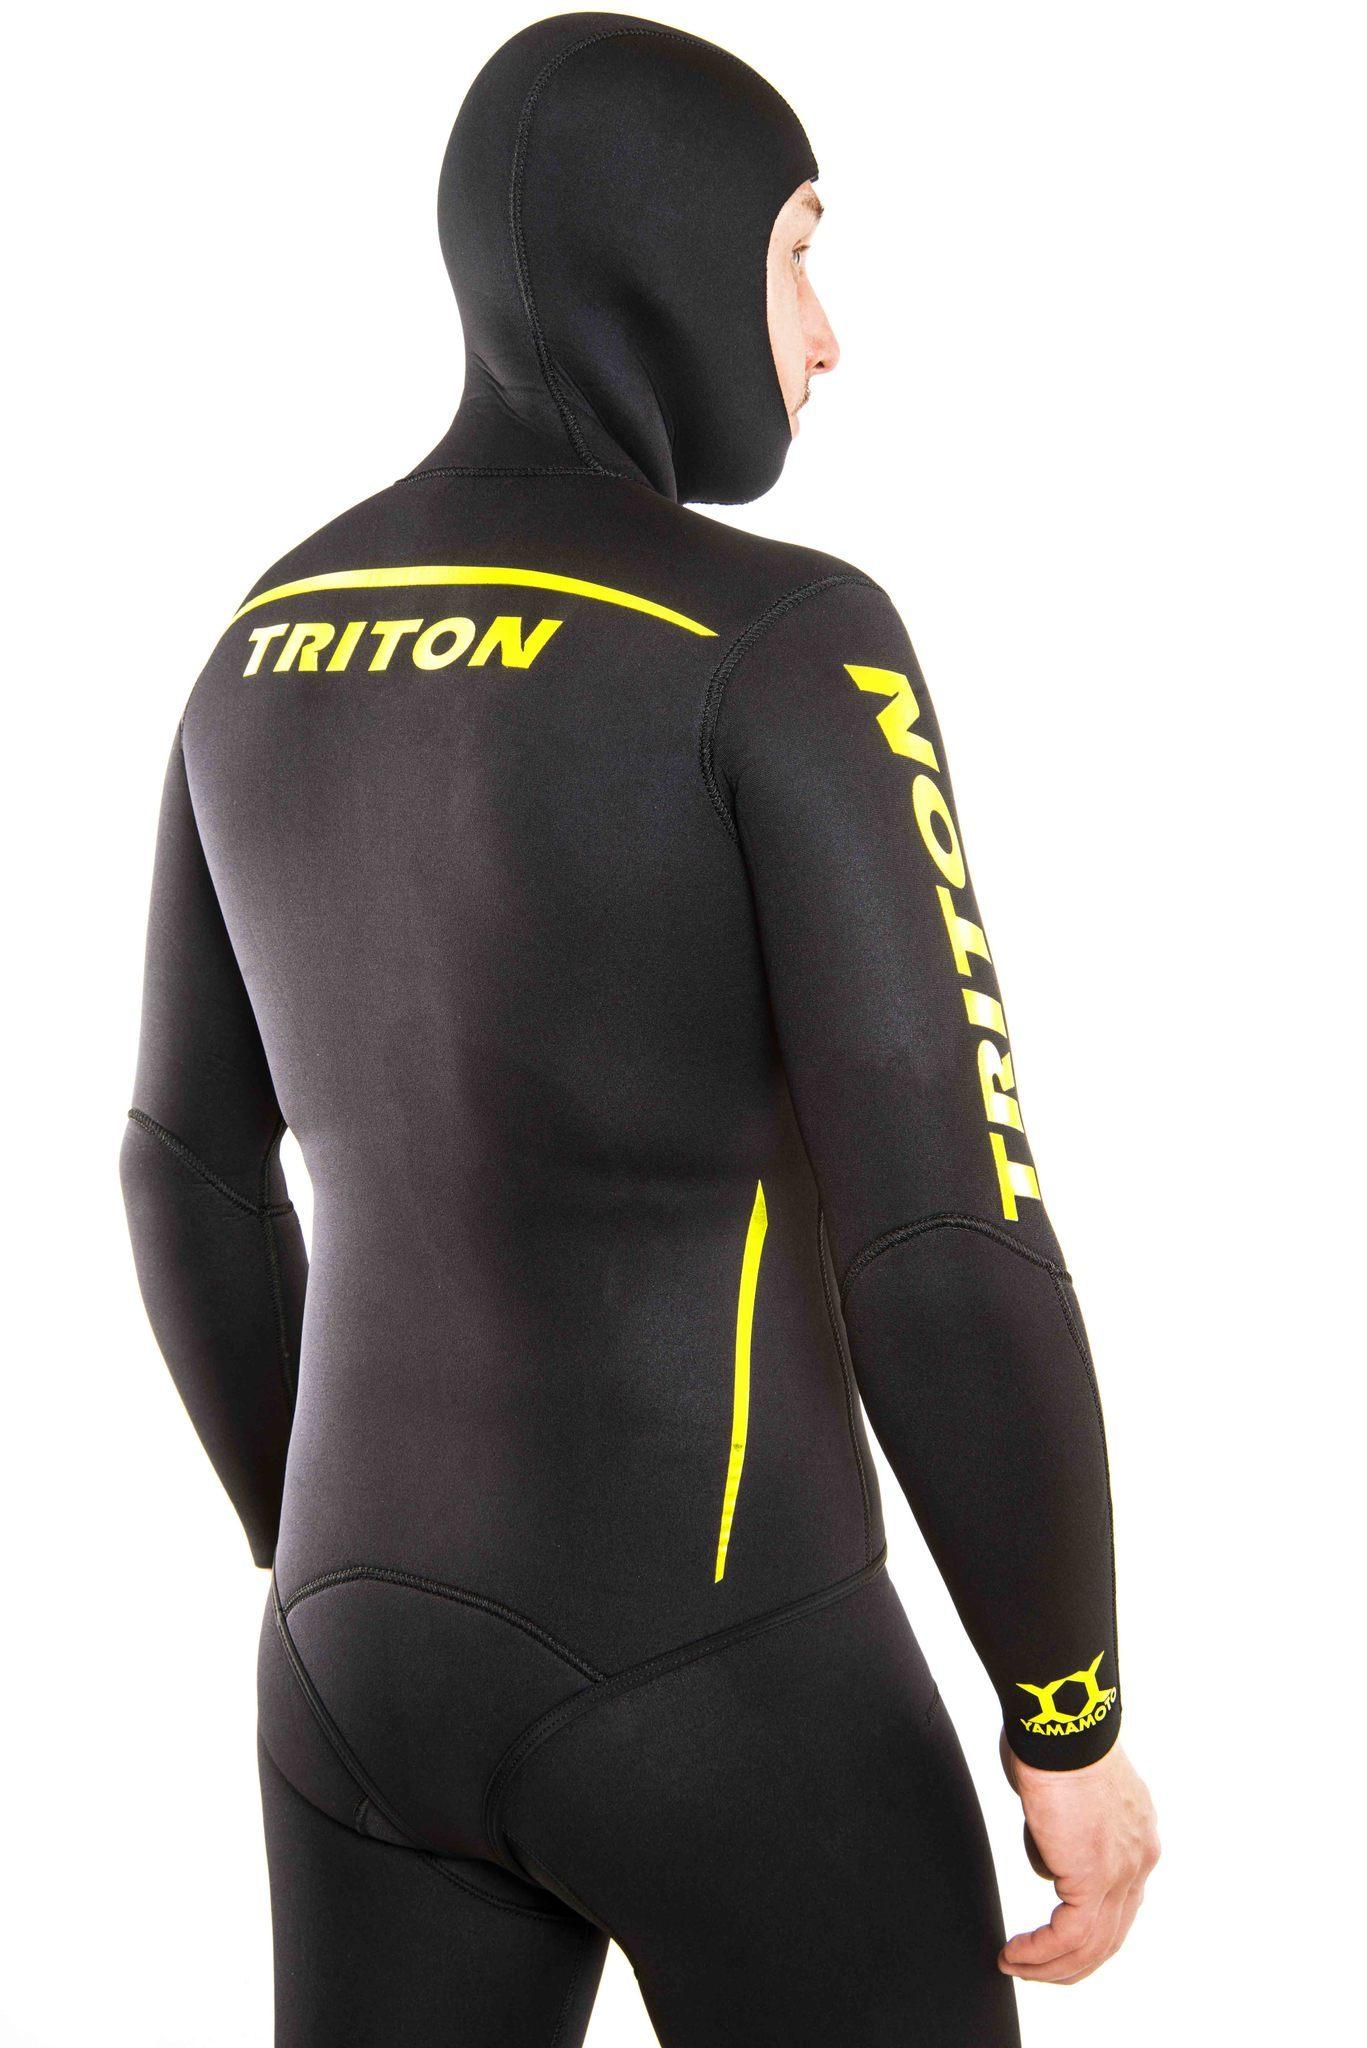 Гидрокостюм Triton 7 мм нейлон